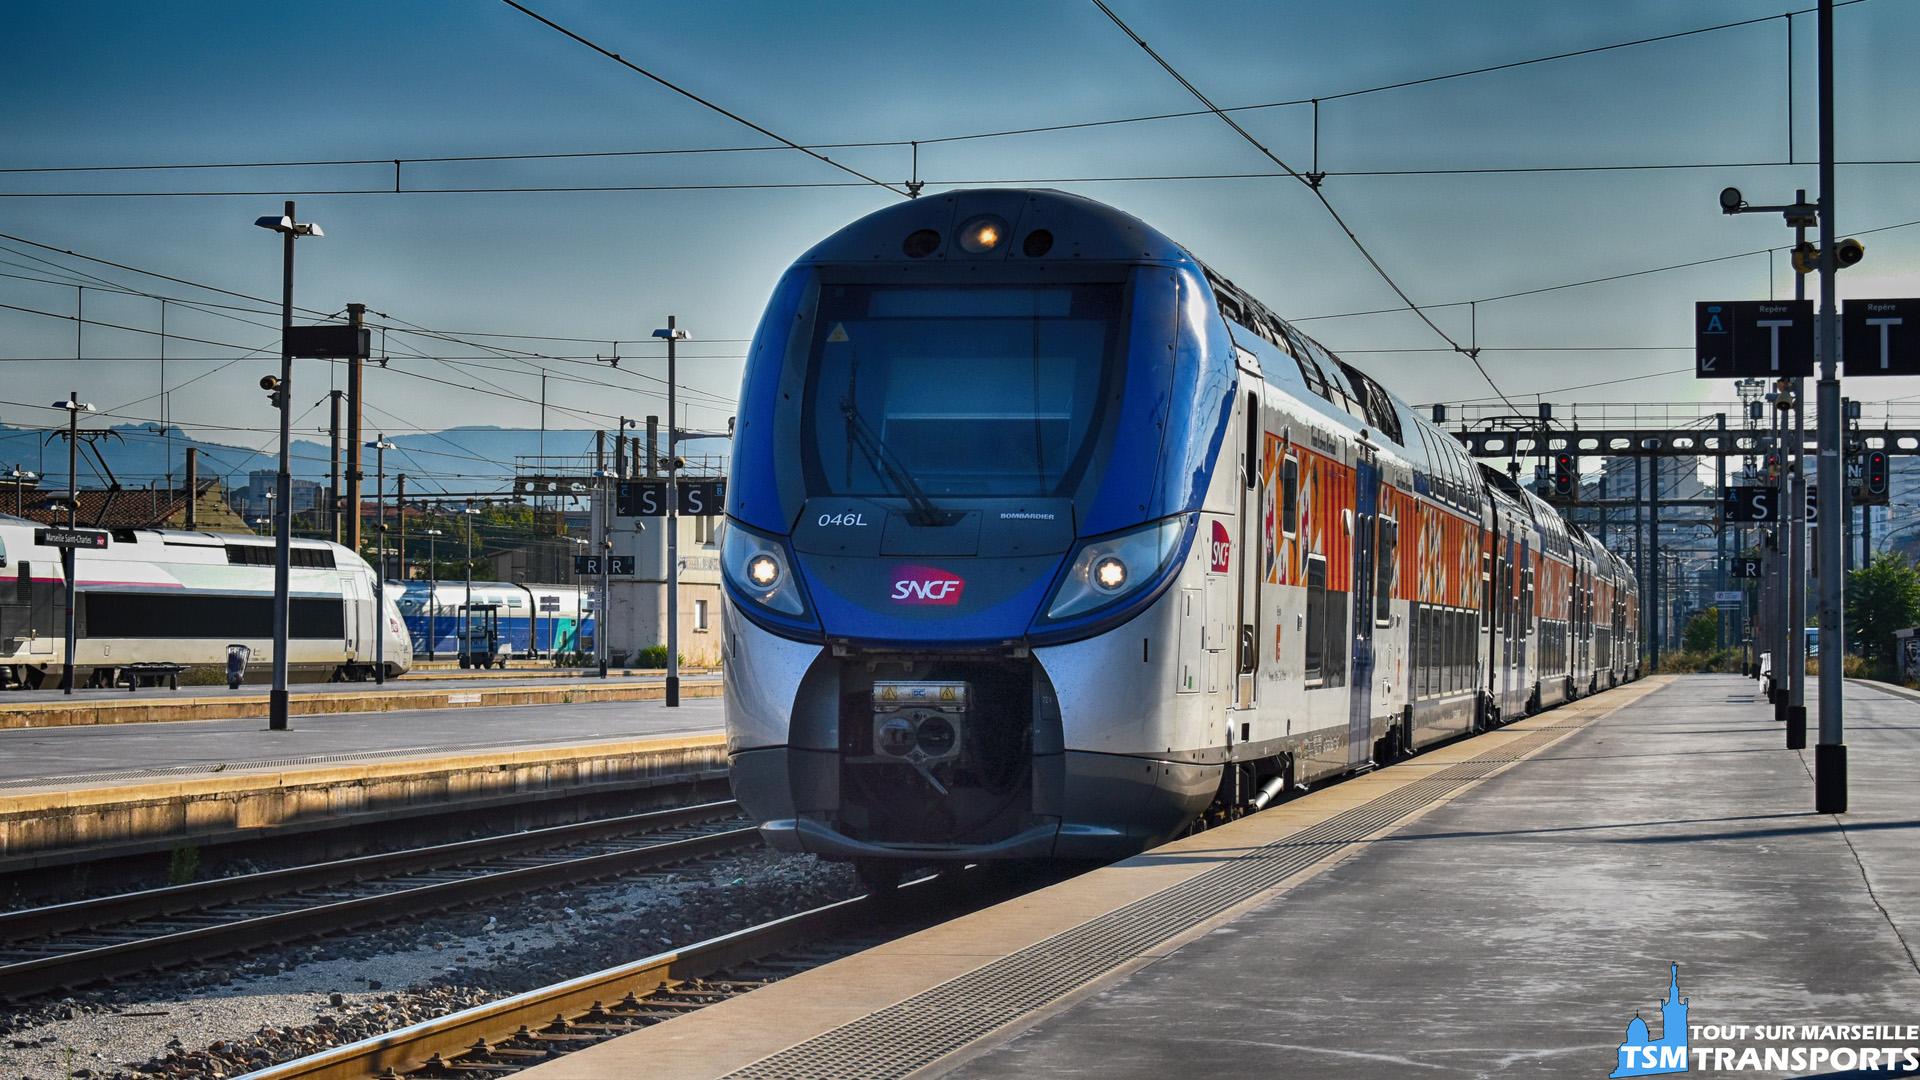 """Ce Bombardier Regio 2N entre en gare de Marseille Saint Charles, voie A, en ce début de journée. . Ce matériel roulant devient rare dans cette gare car celui-ci roule plus souvent sur la french reviera et Vintimille. . ℹ️ Bombardier Regio 2n, rame n°046L, (z55591 /92). . 📍Gare de Marseille Saint Charles, voie A. . 📸 Nikon D5600   f/7.1   Expo : 1/2000""""   ISO : 400   distance focale : 55mm   sans flash. . 📅 1 août 2018 à 8:34. . 👨 Sébastien ESPOSITO."""